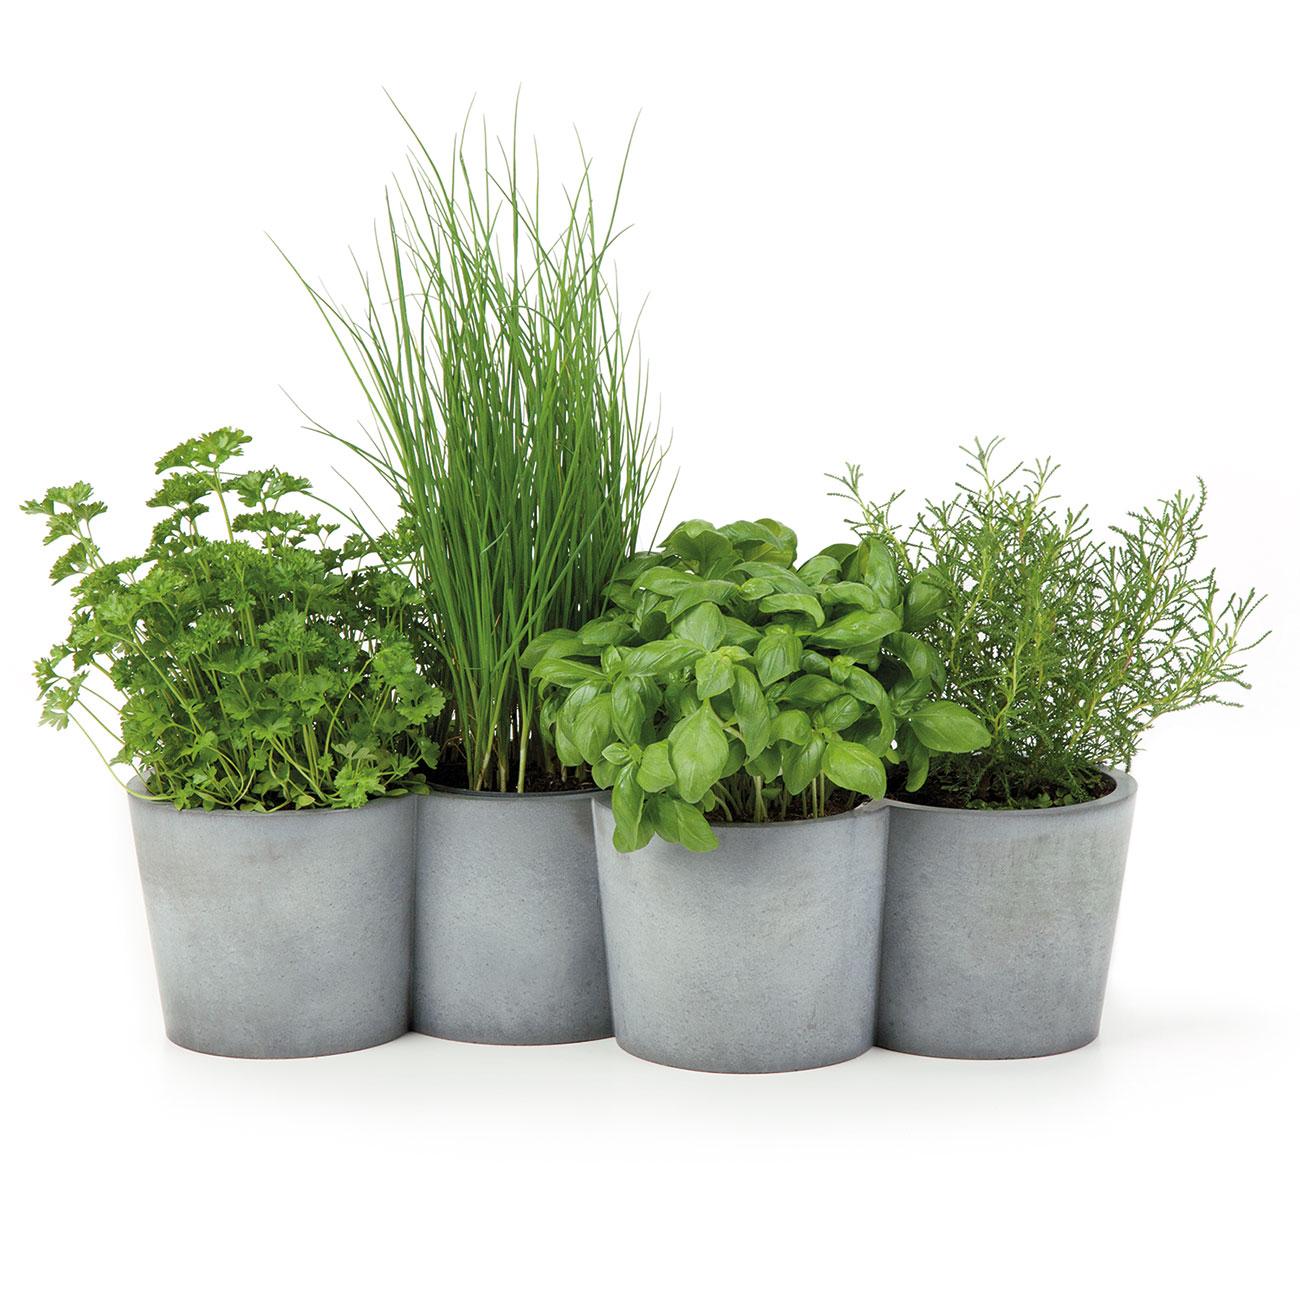 Decorez Votre Interieur Avec Des Plantes Le Blog Deco De Pure Deco